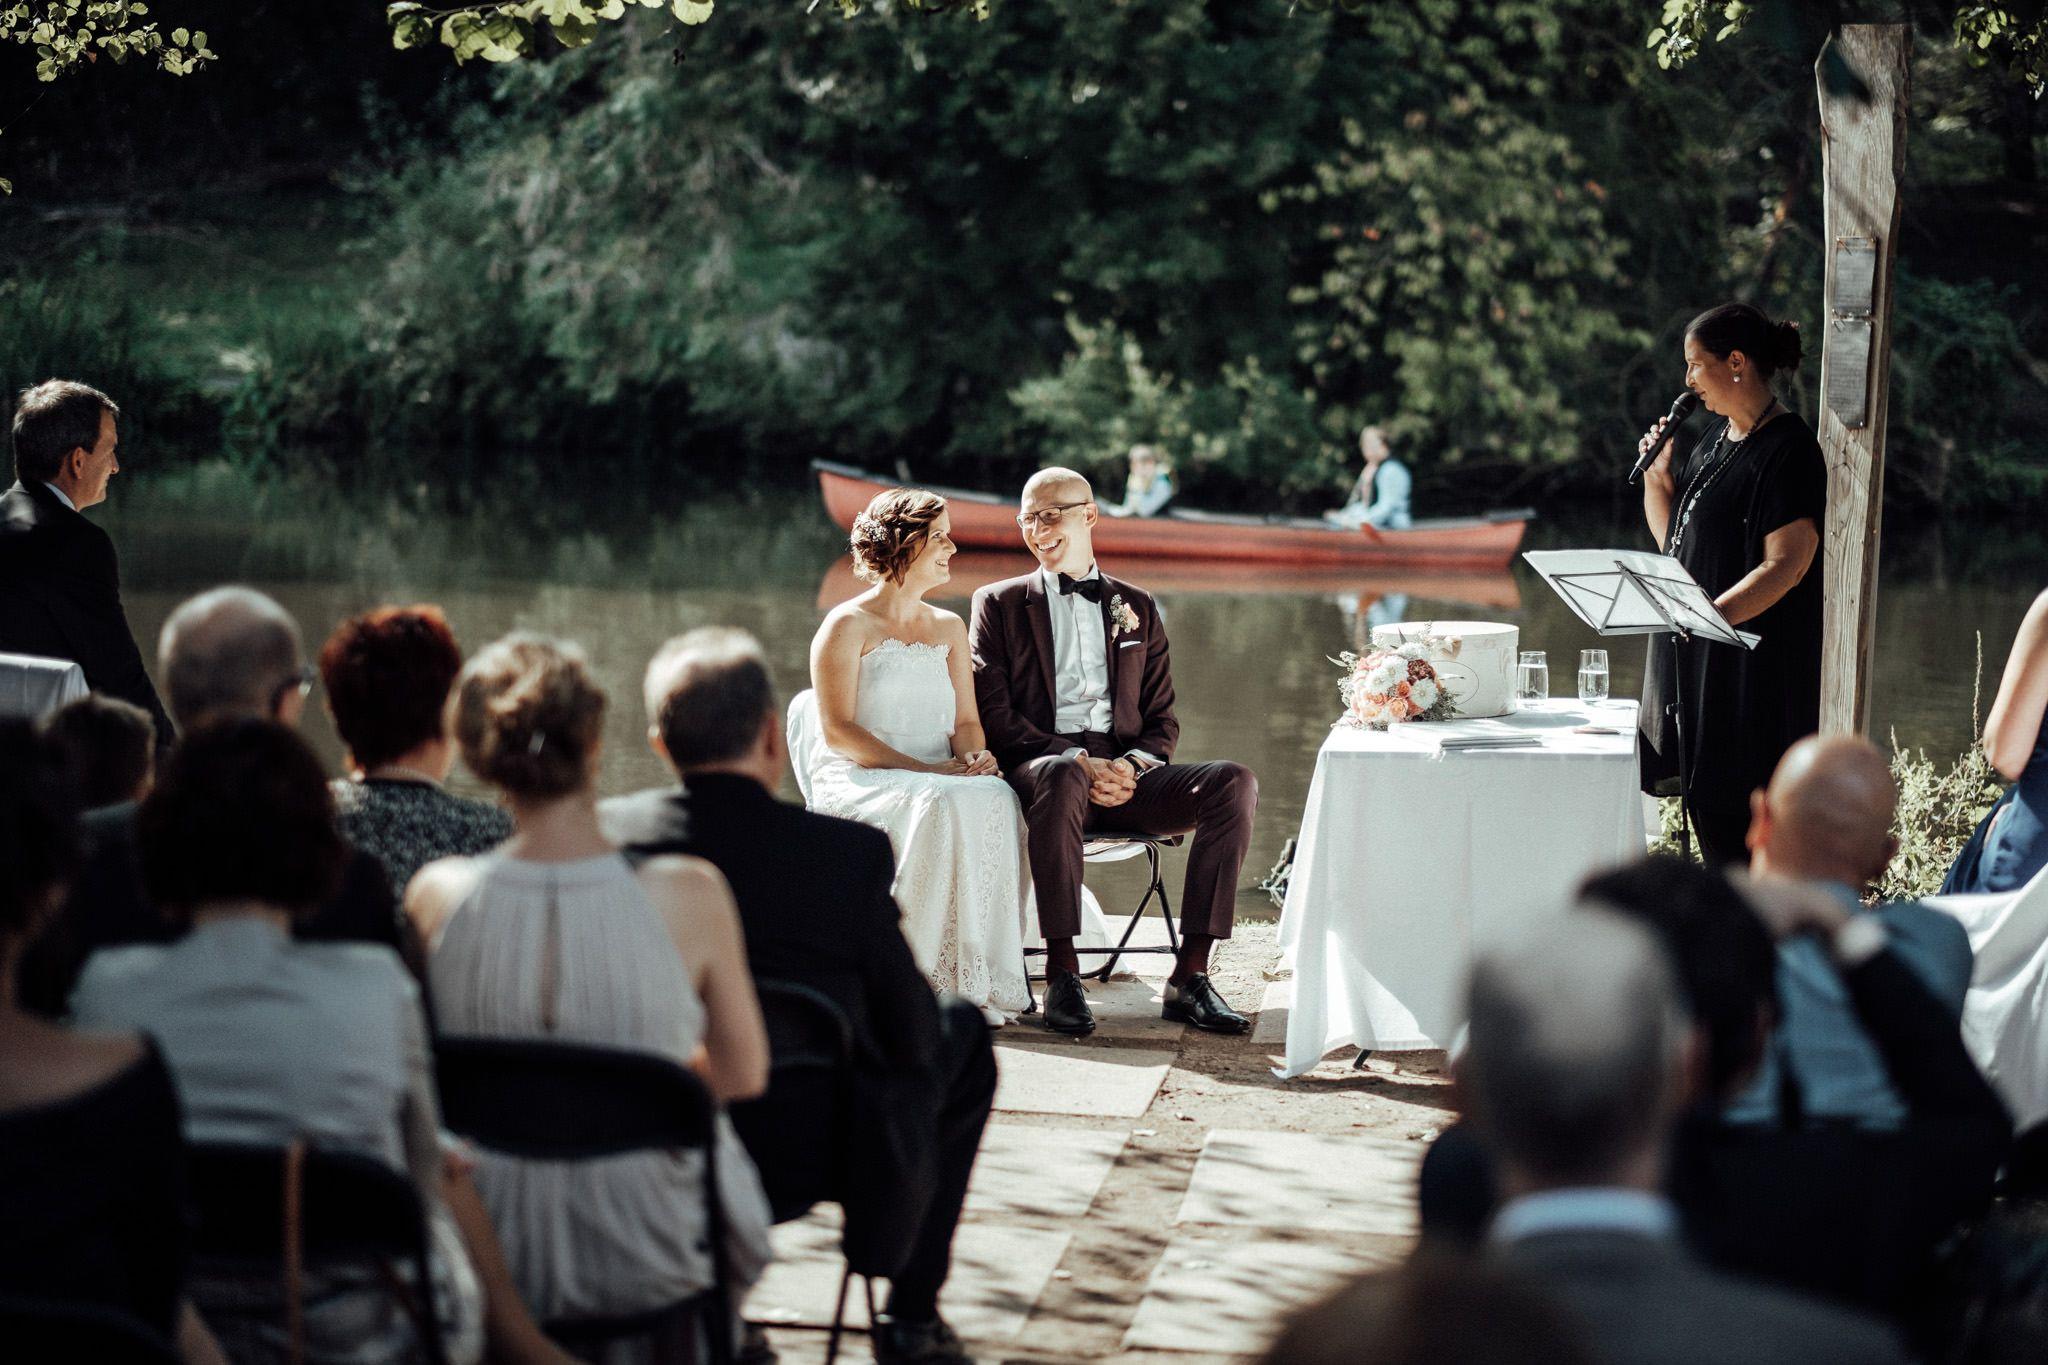 Freie Trauung Am Bruckenkopf Park In Julich Und Feier An Der Blumenhalle Nebenan Top Hochzeitslocatio Hochzeitsfotograf Hochzeitslocation Hochzeitsfotos